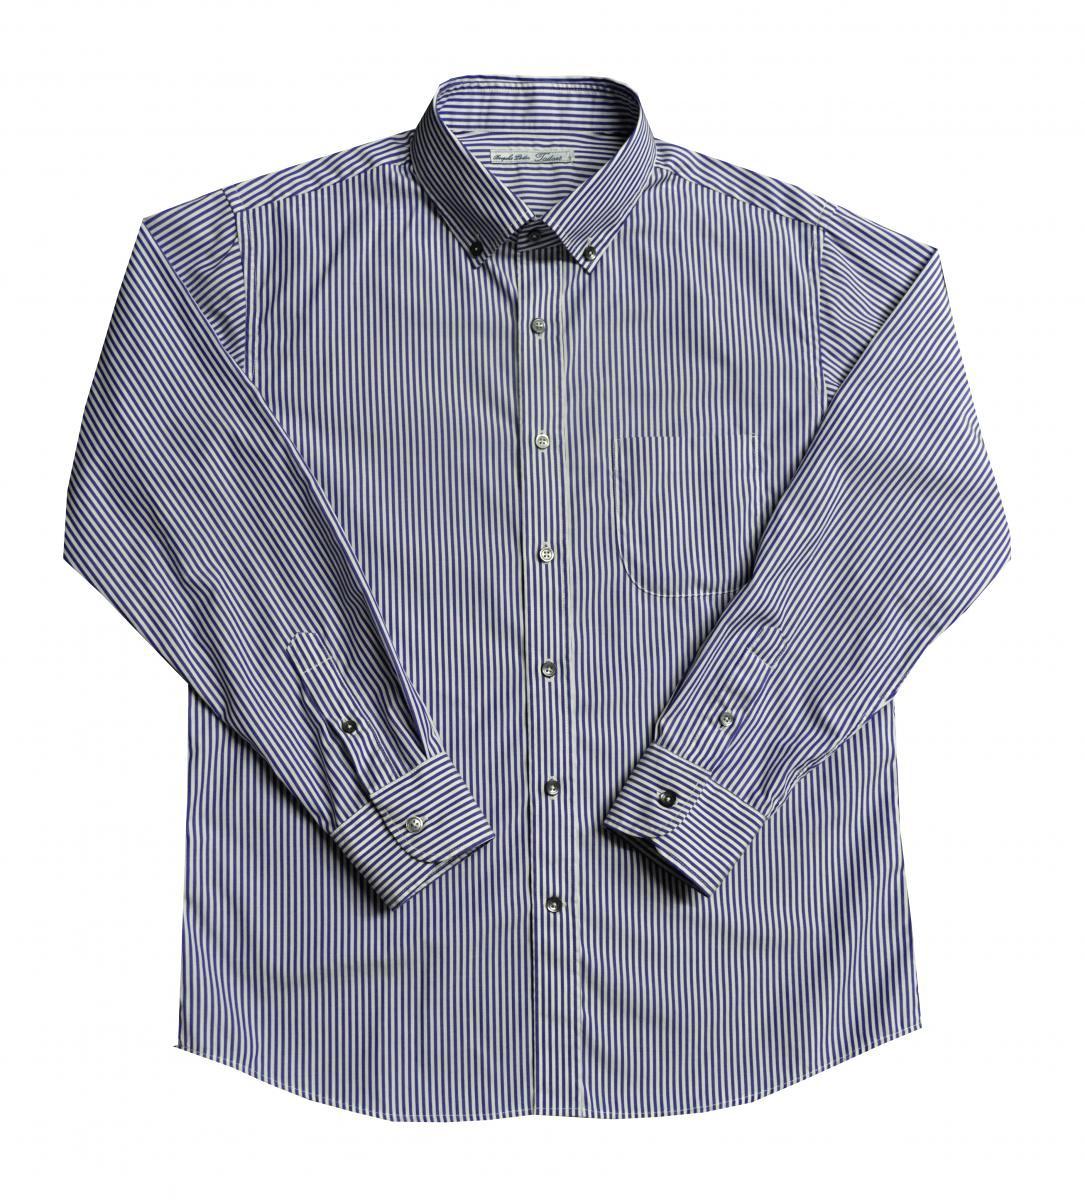 [オーダーシャツ]ネイビーストライプシャツで知的でお洒落な印象を。